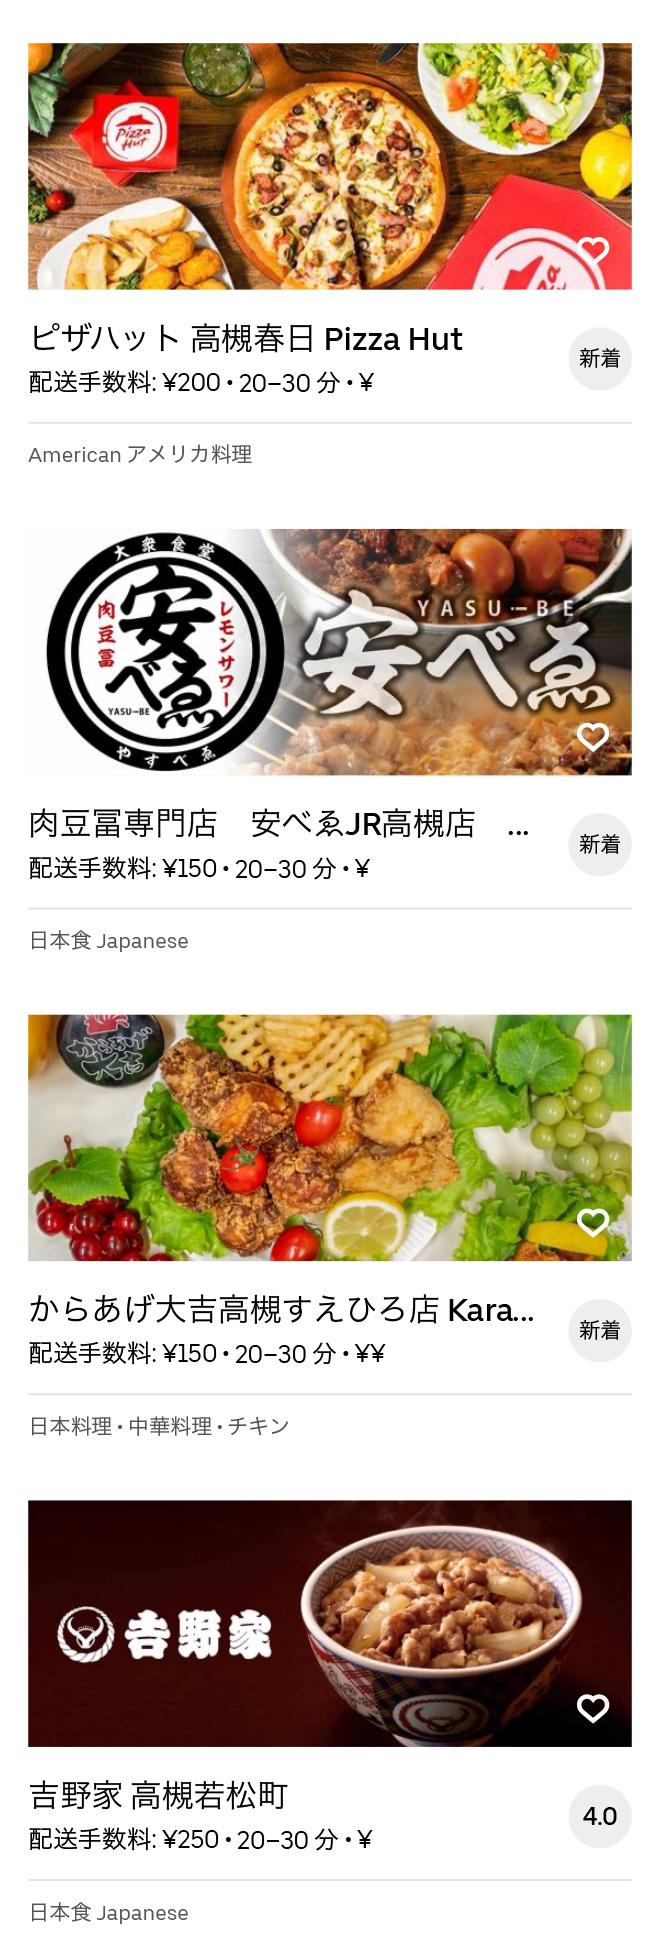 Takatsuki menu 2008 07